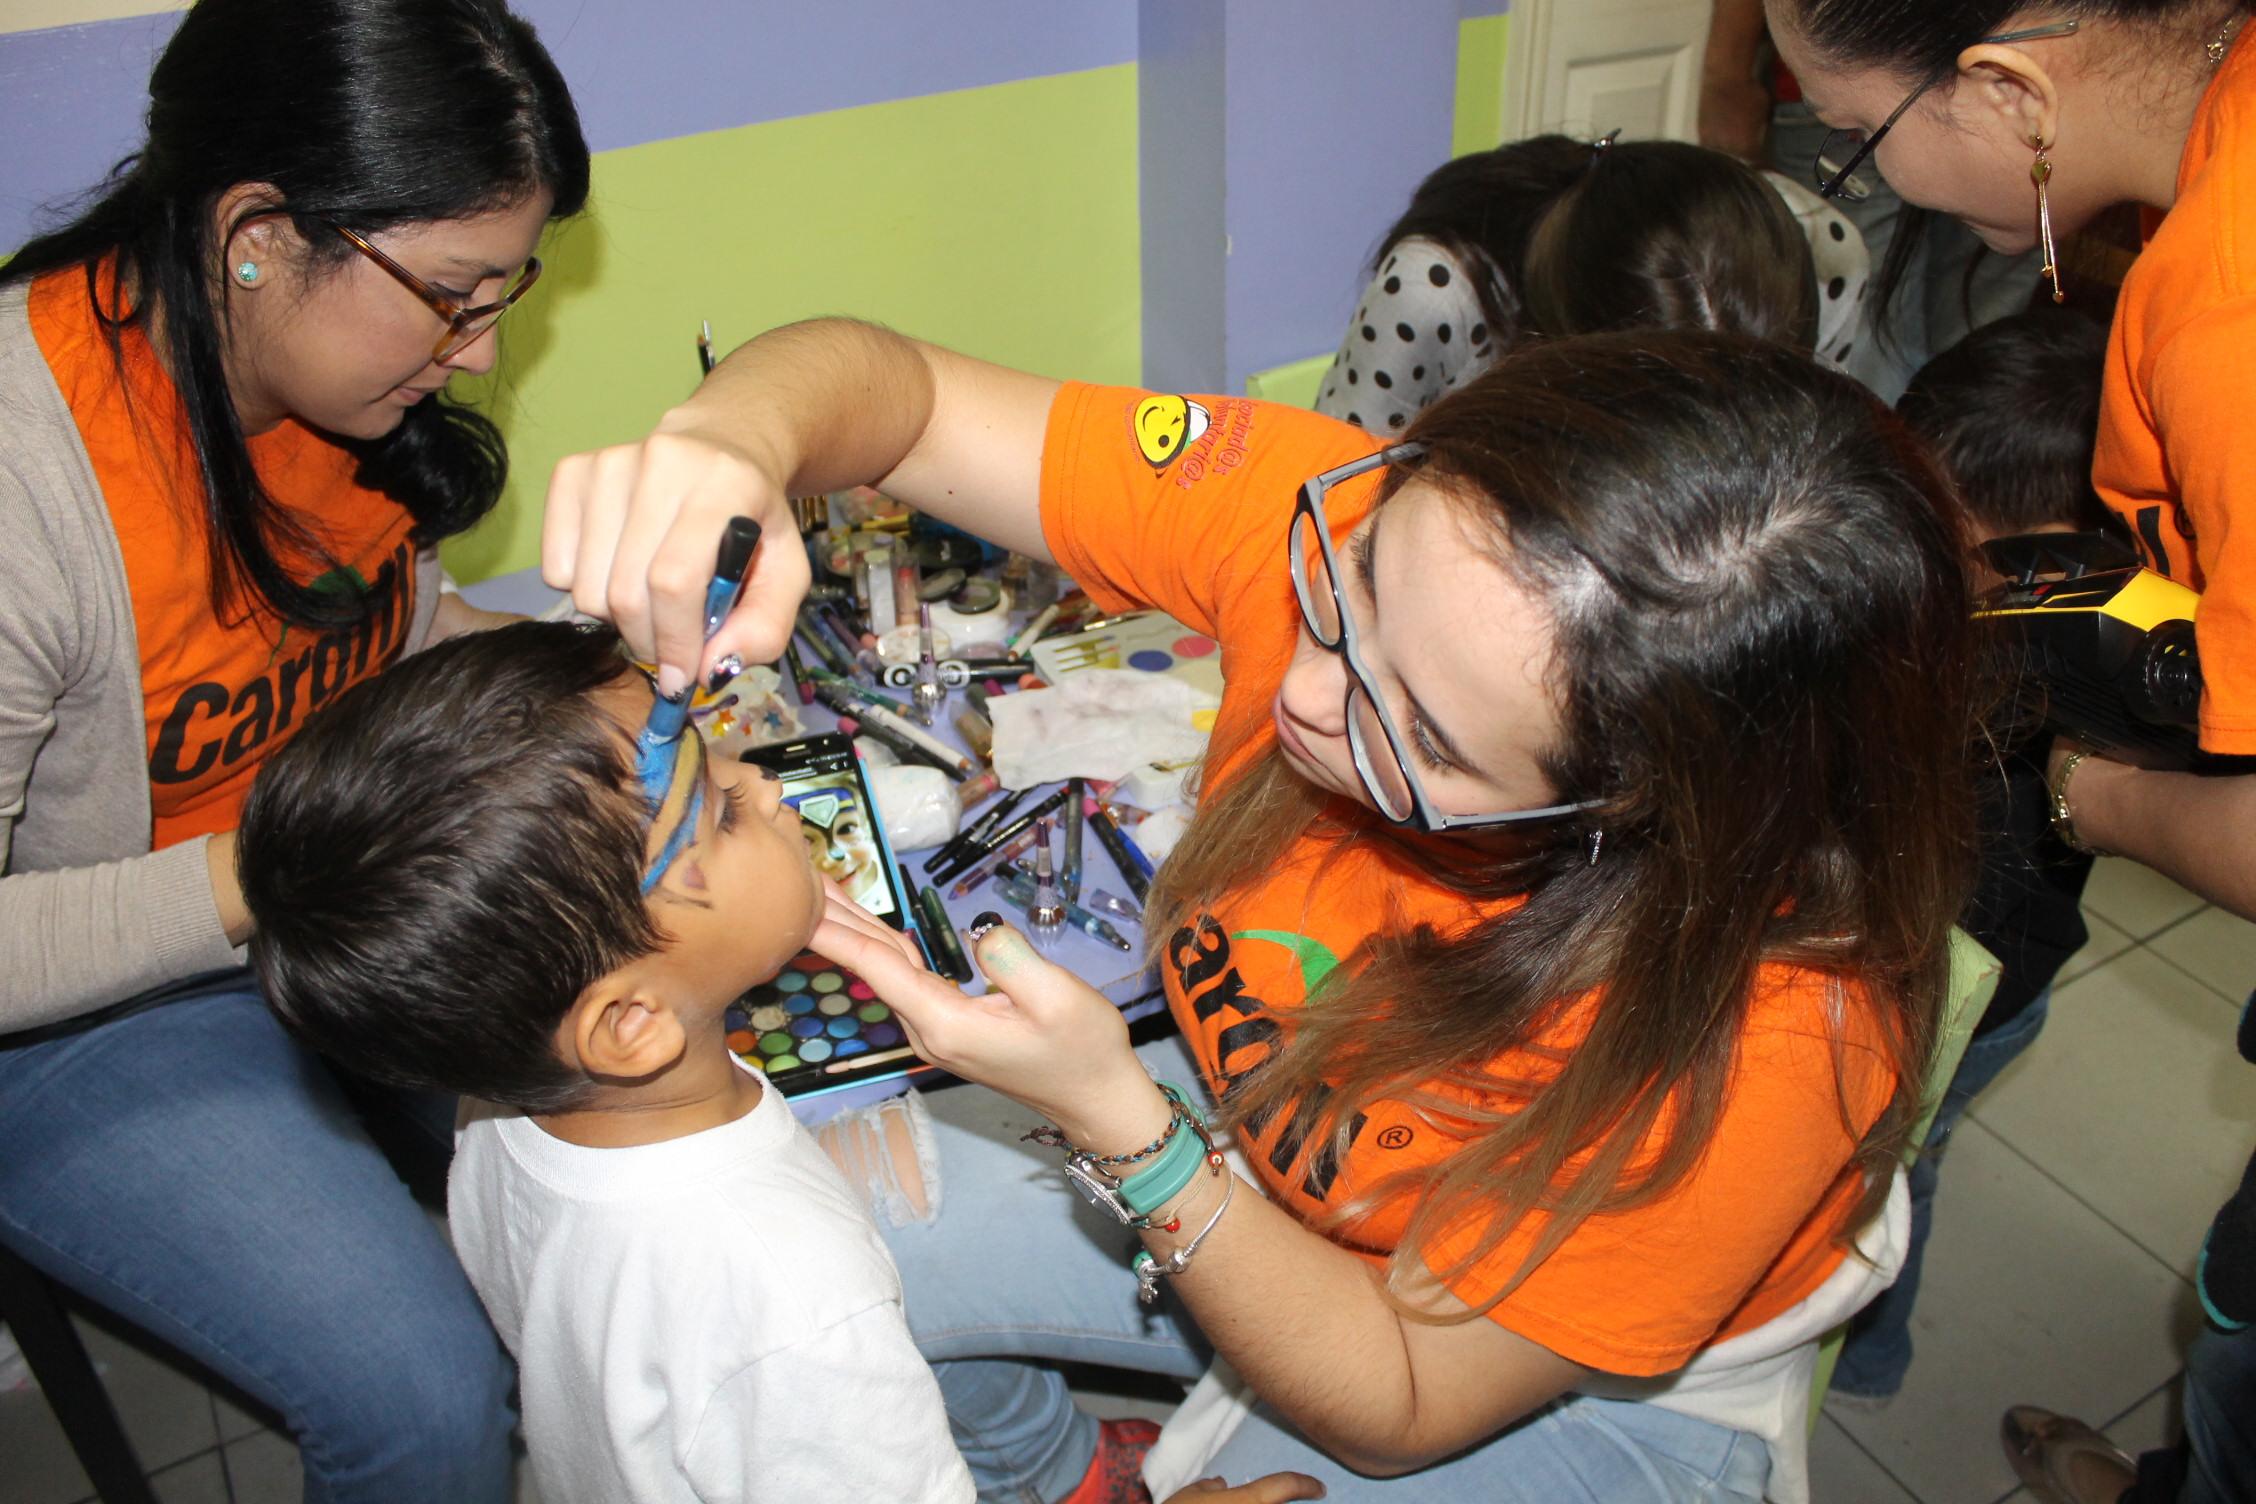 Los voluntarios son los encargados de realizar diferentes actividades para los niños.